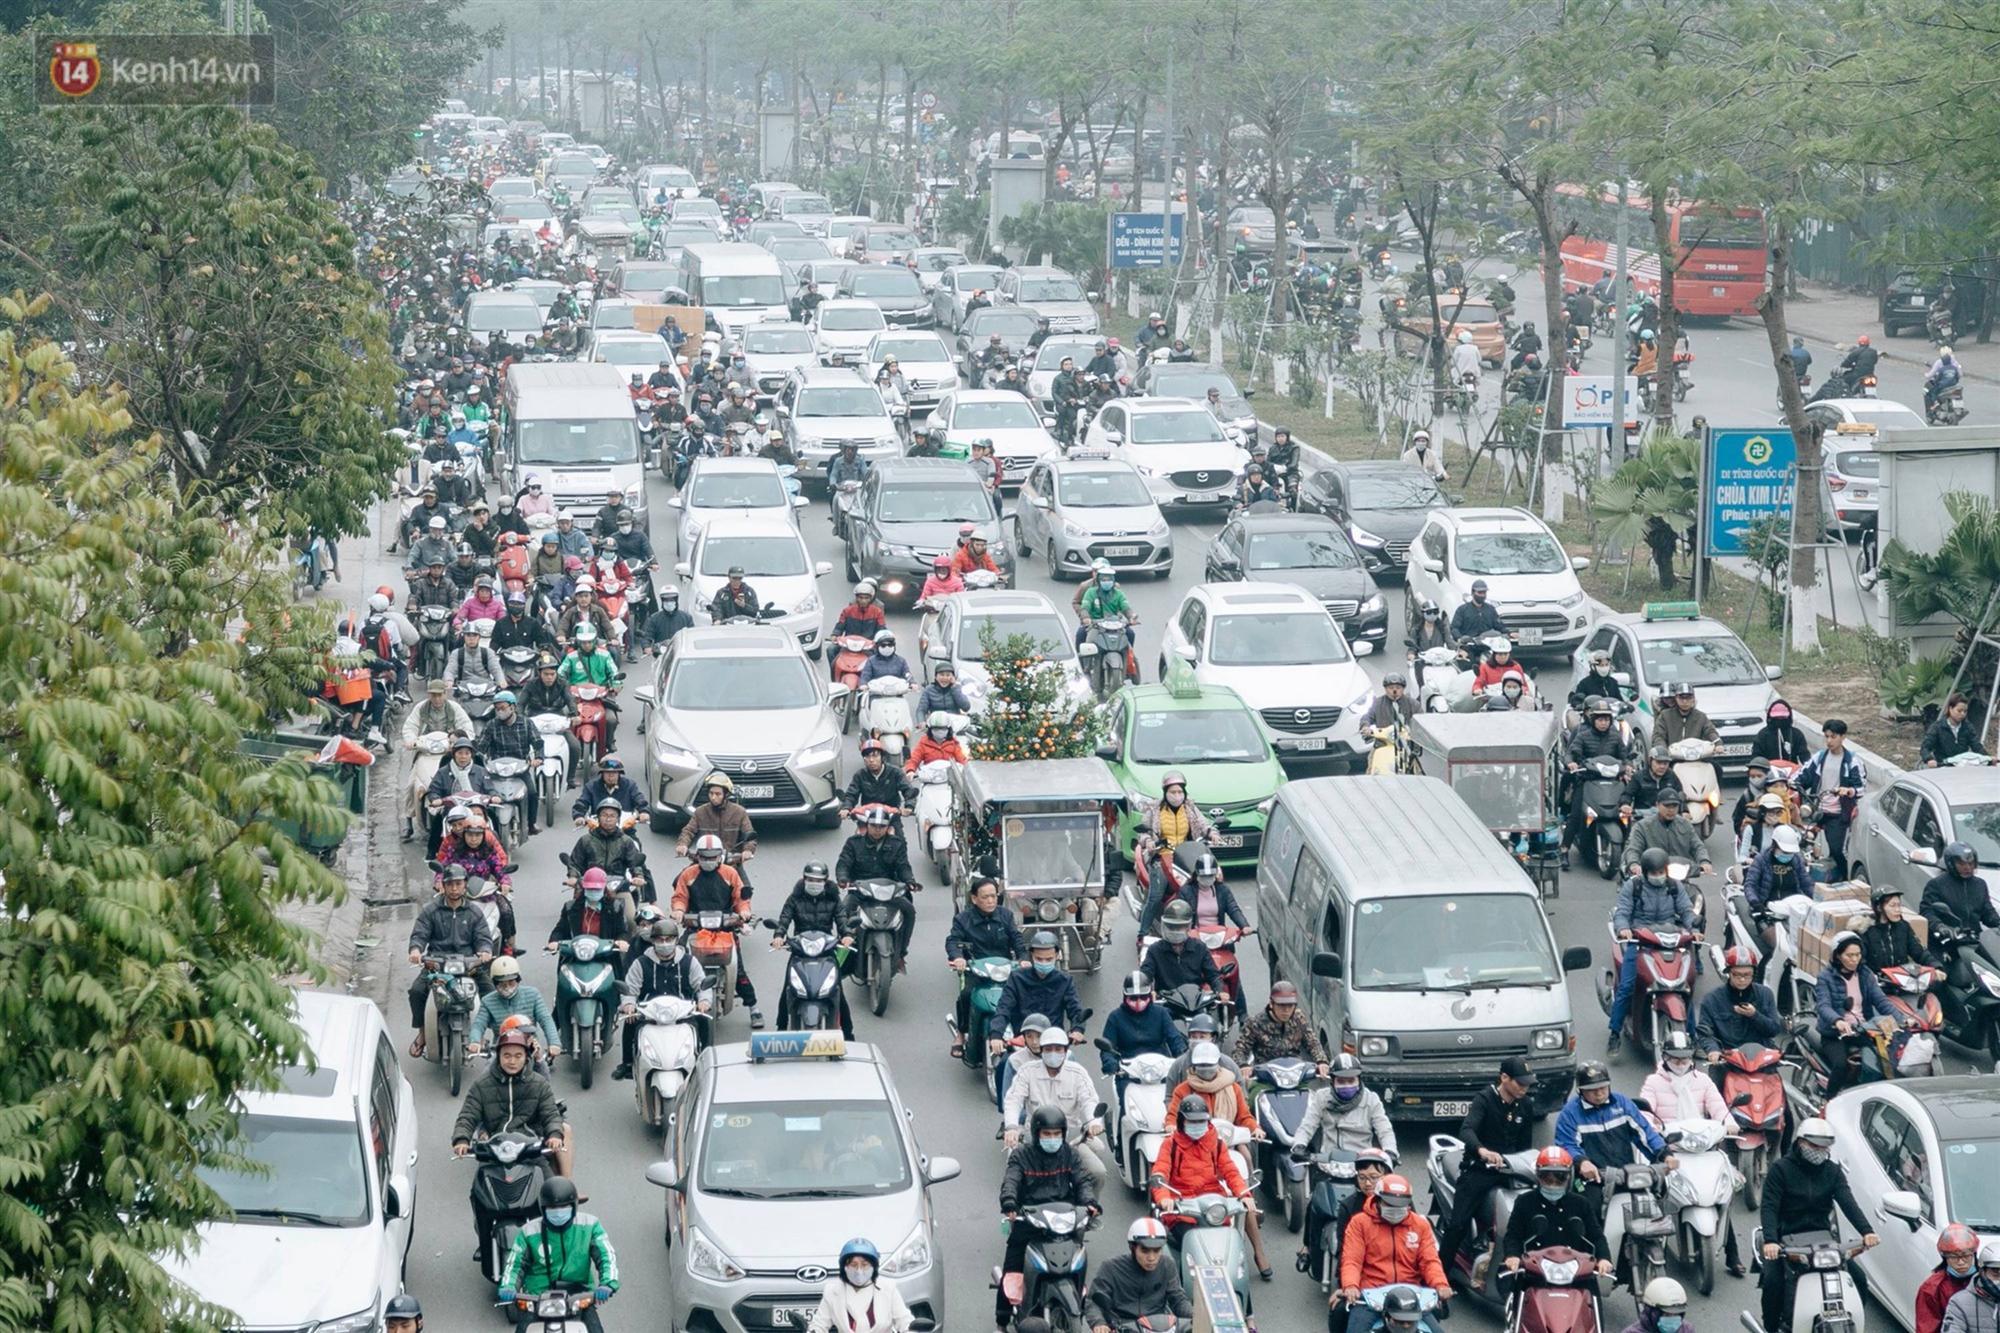 Chùm ảnh: Từ 3h chiều, đường phố Hà Nội ùn tắc không lối thoát ngày giáp Tết-1